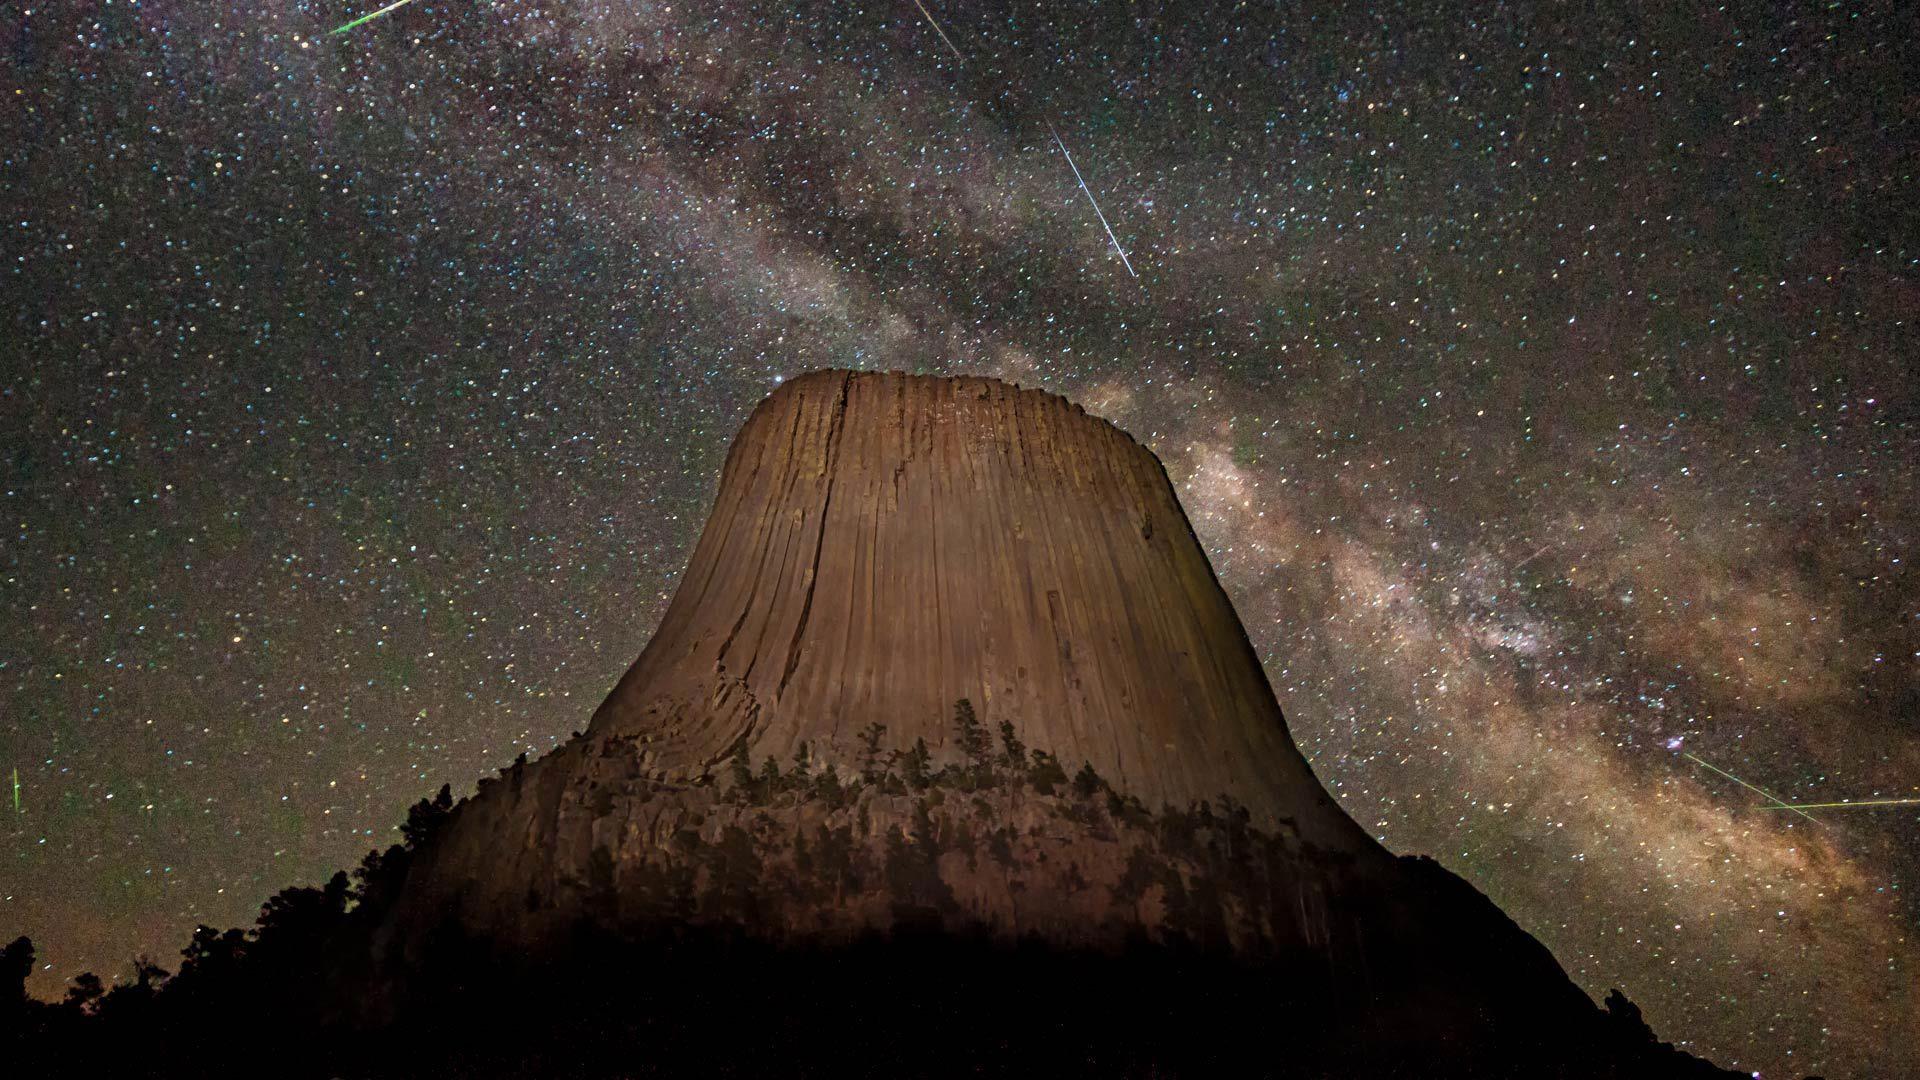 星光璀璨 斑驳陆离